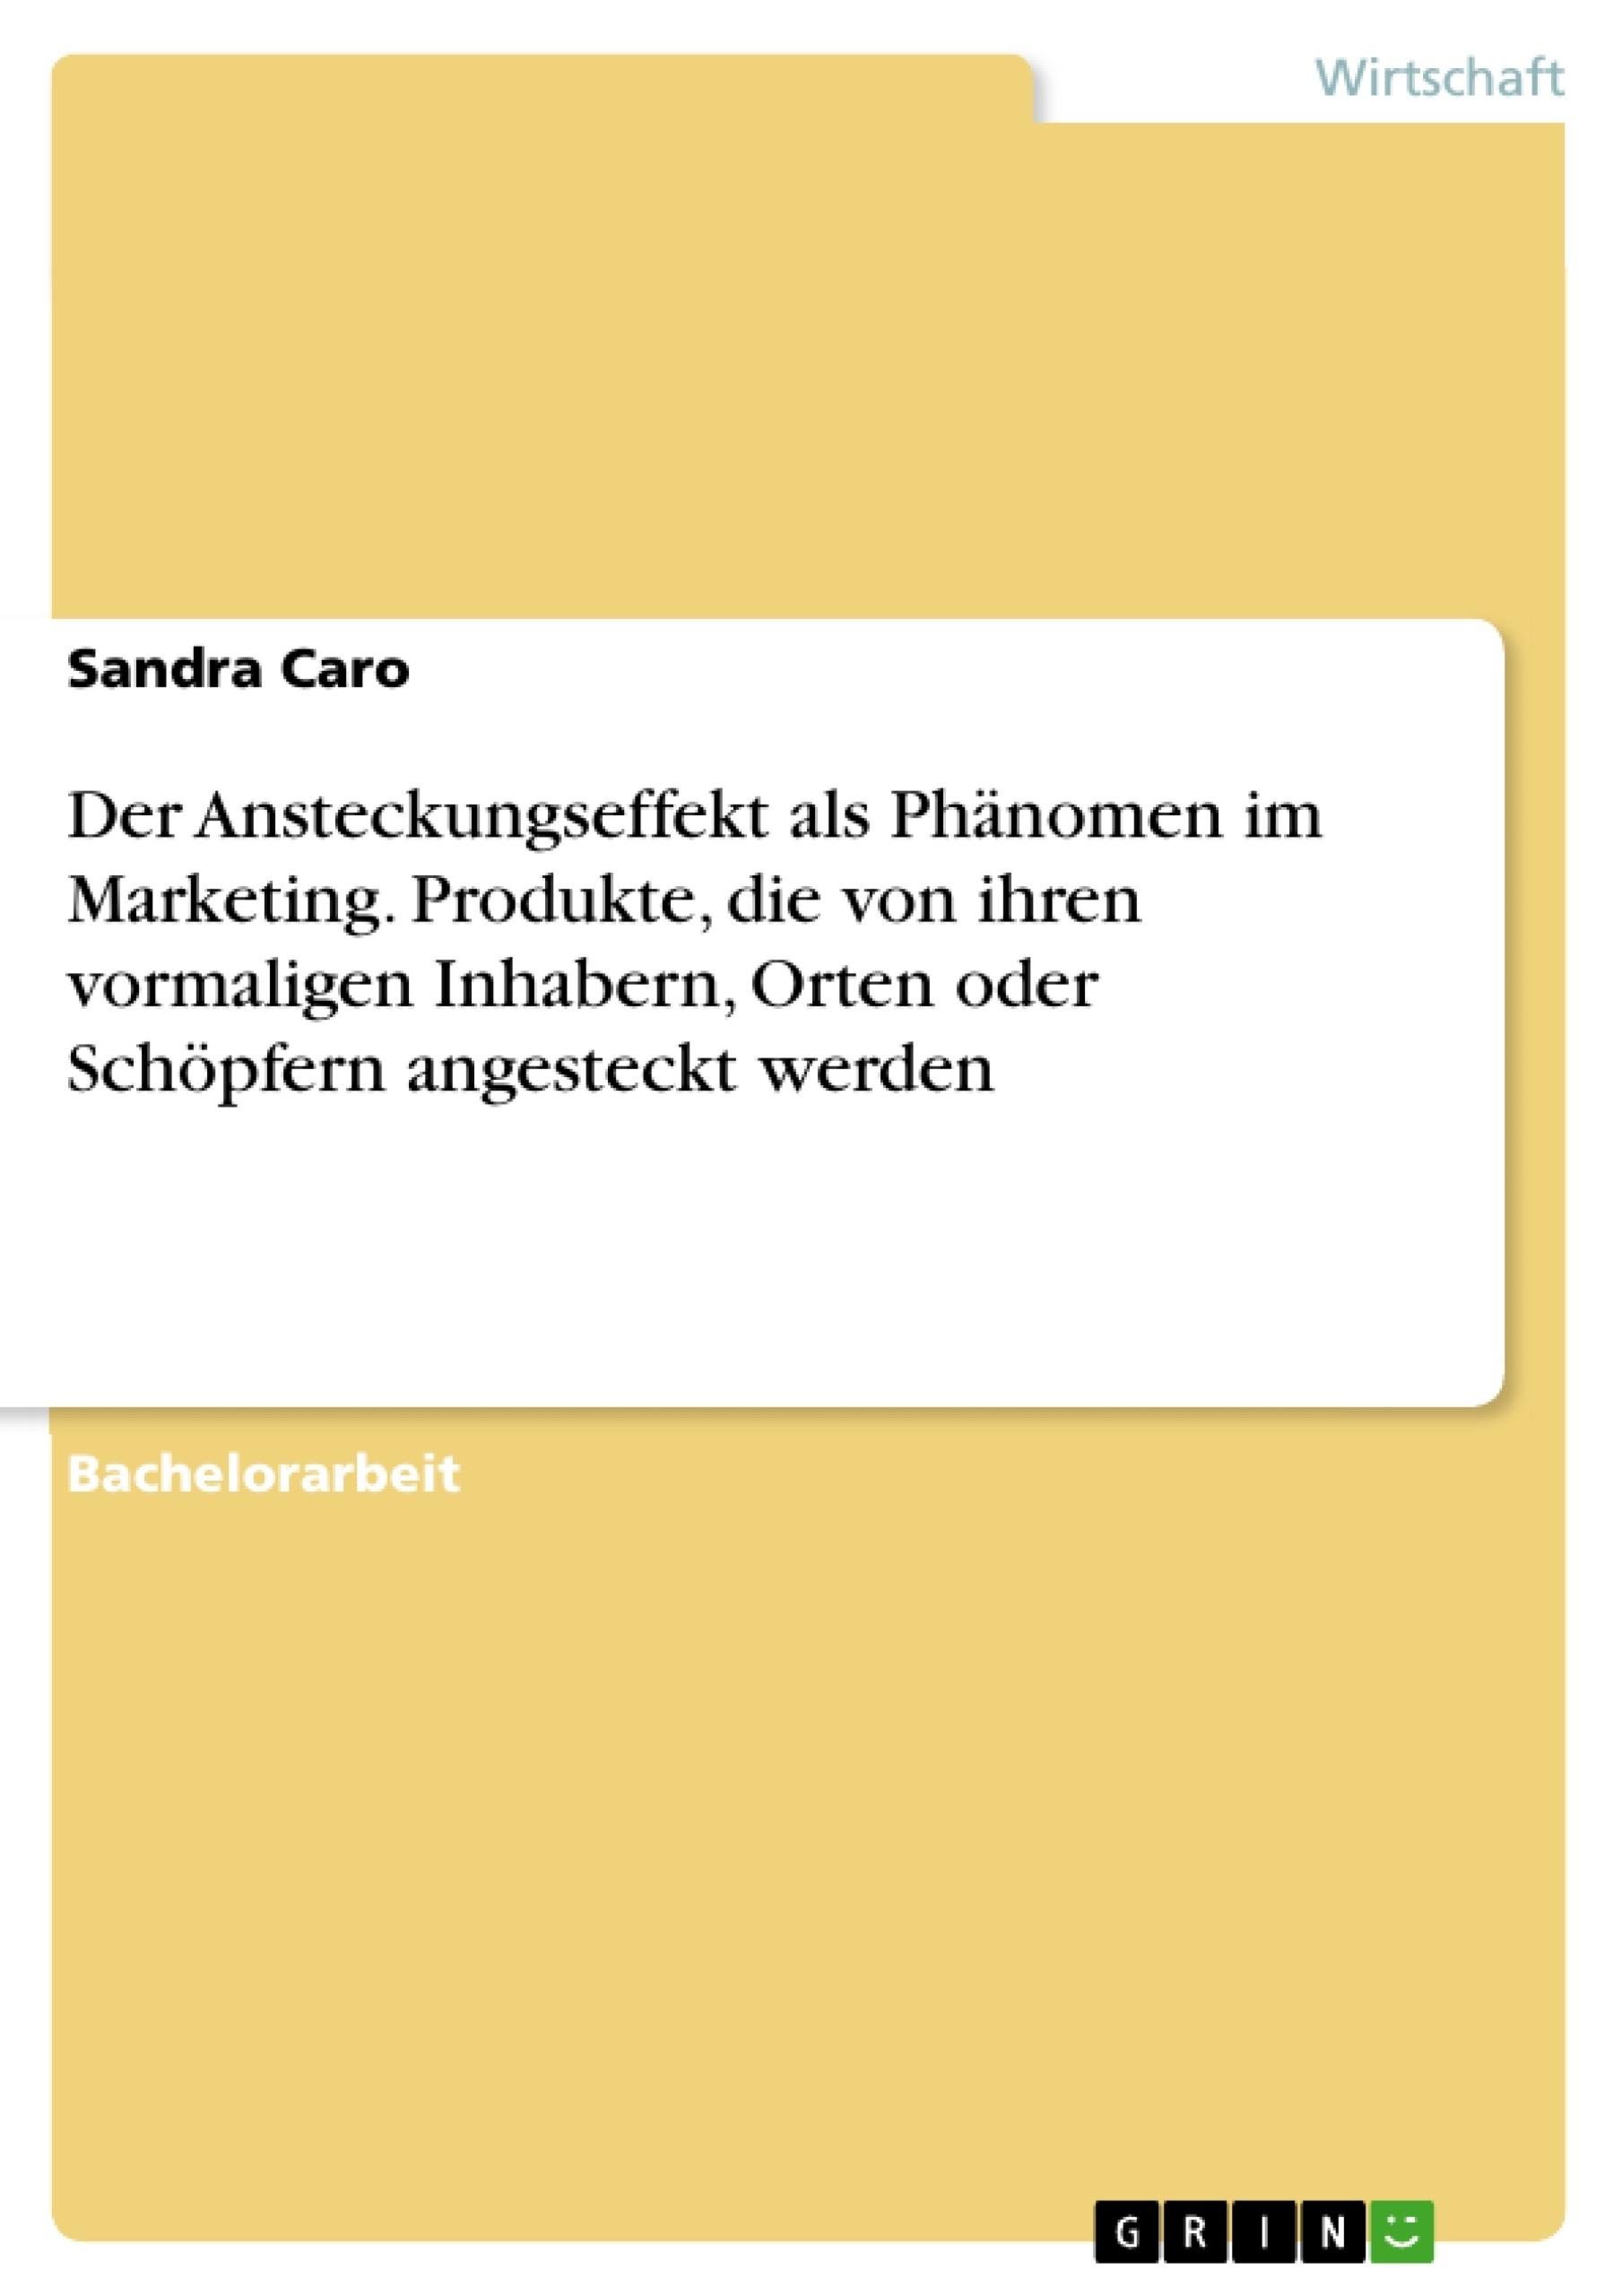 Titel: Der Ansteckungseffekt als Phänomen im Marketing. Produkte, die von ihren vormaligen Inhabern, Orten oder Schöpfern angesteckt werden